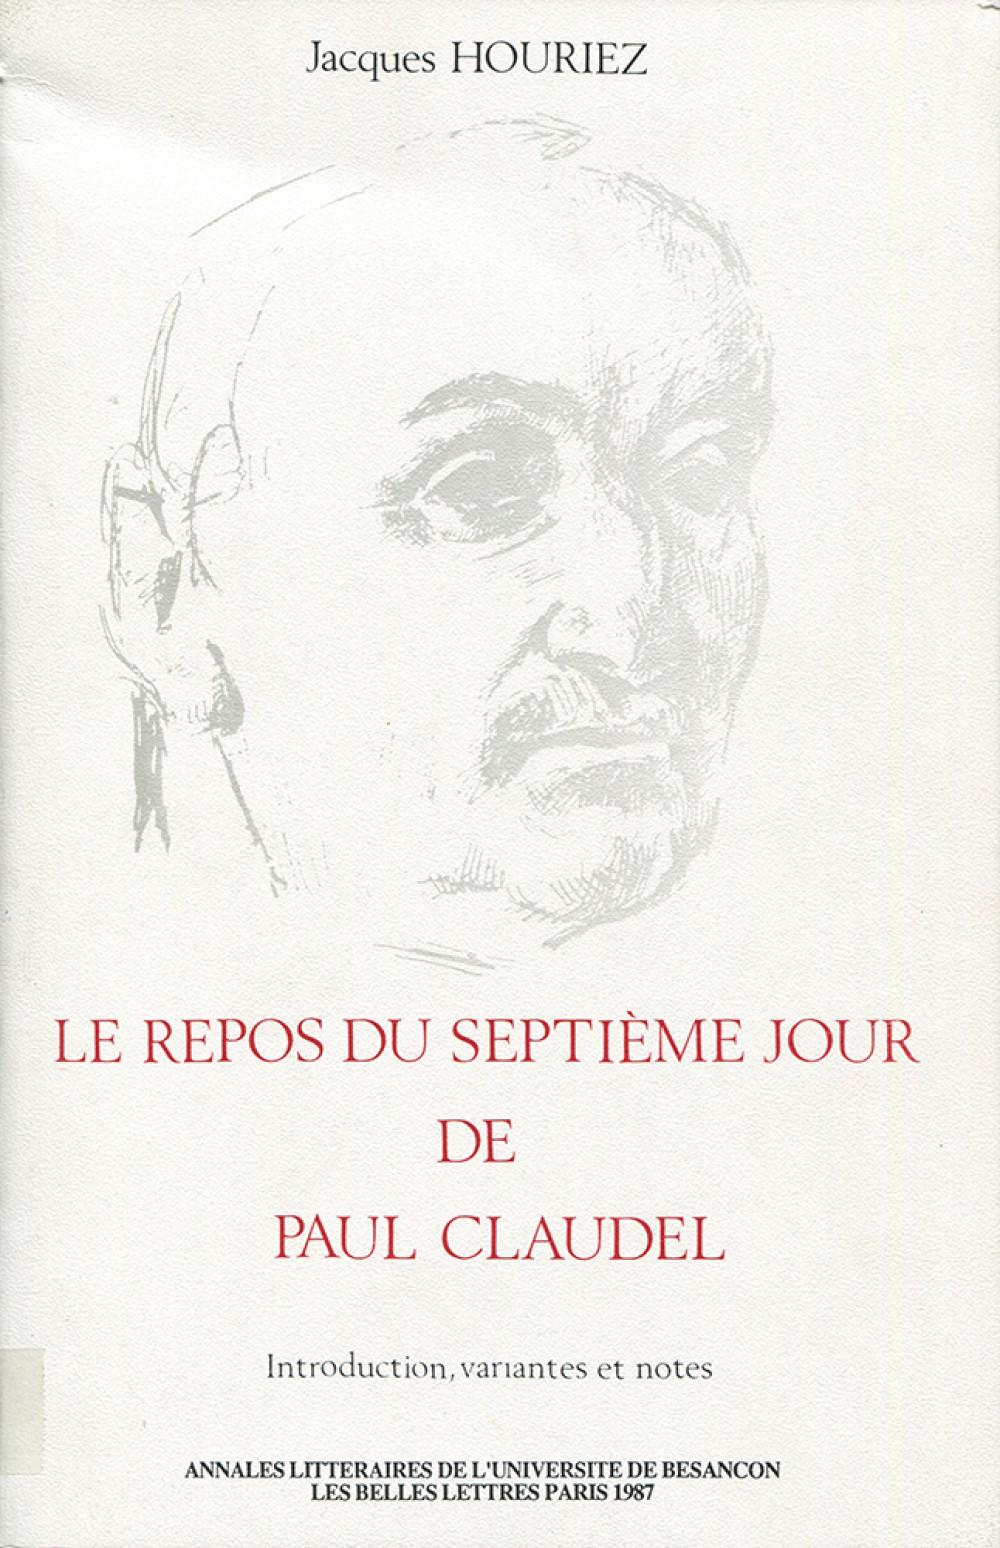 Le repos du 7ème jour de Paul Claudel